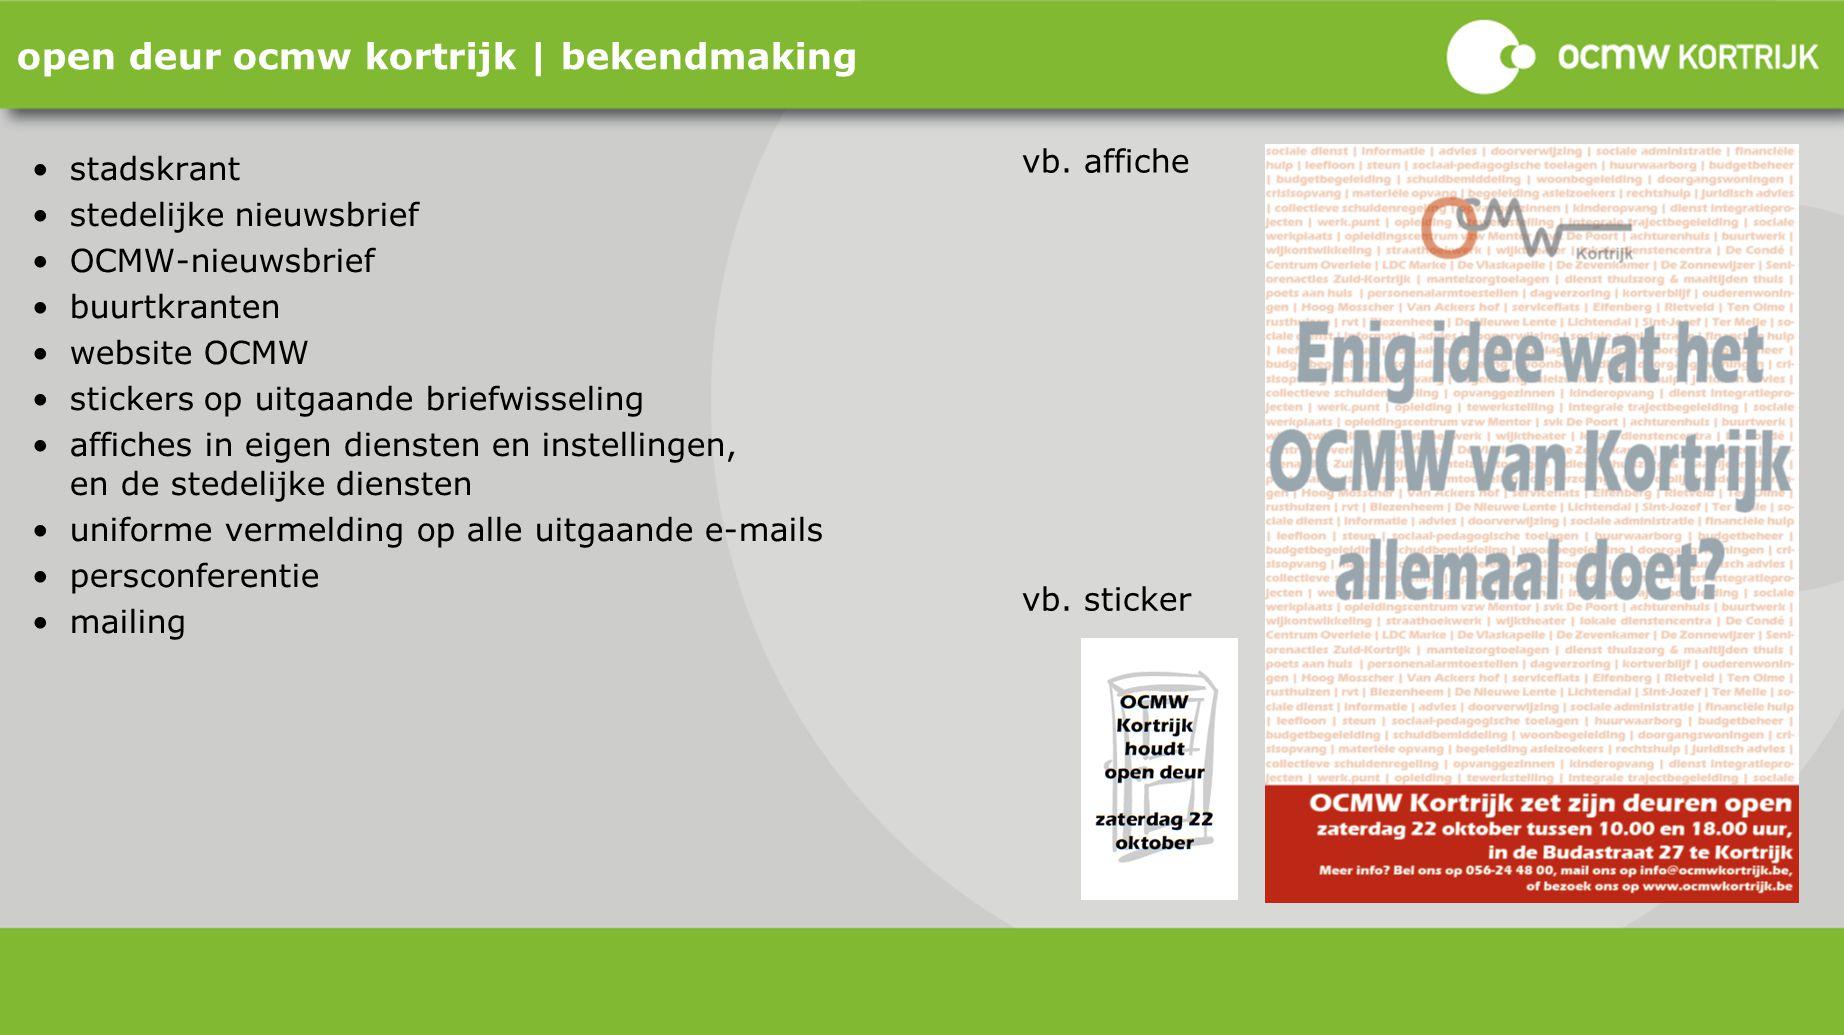 open deur ocmw kortrijk | bekendmaking stadskrant stedelijke nieuwsbrief OCMW-nieuwsbrief buurtkranten website OCMW stickers op uitgaande briefwisseli